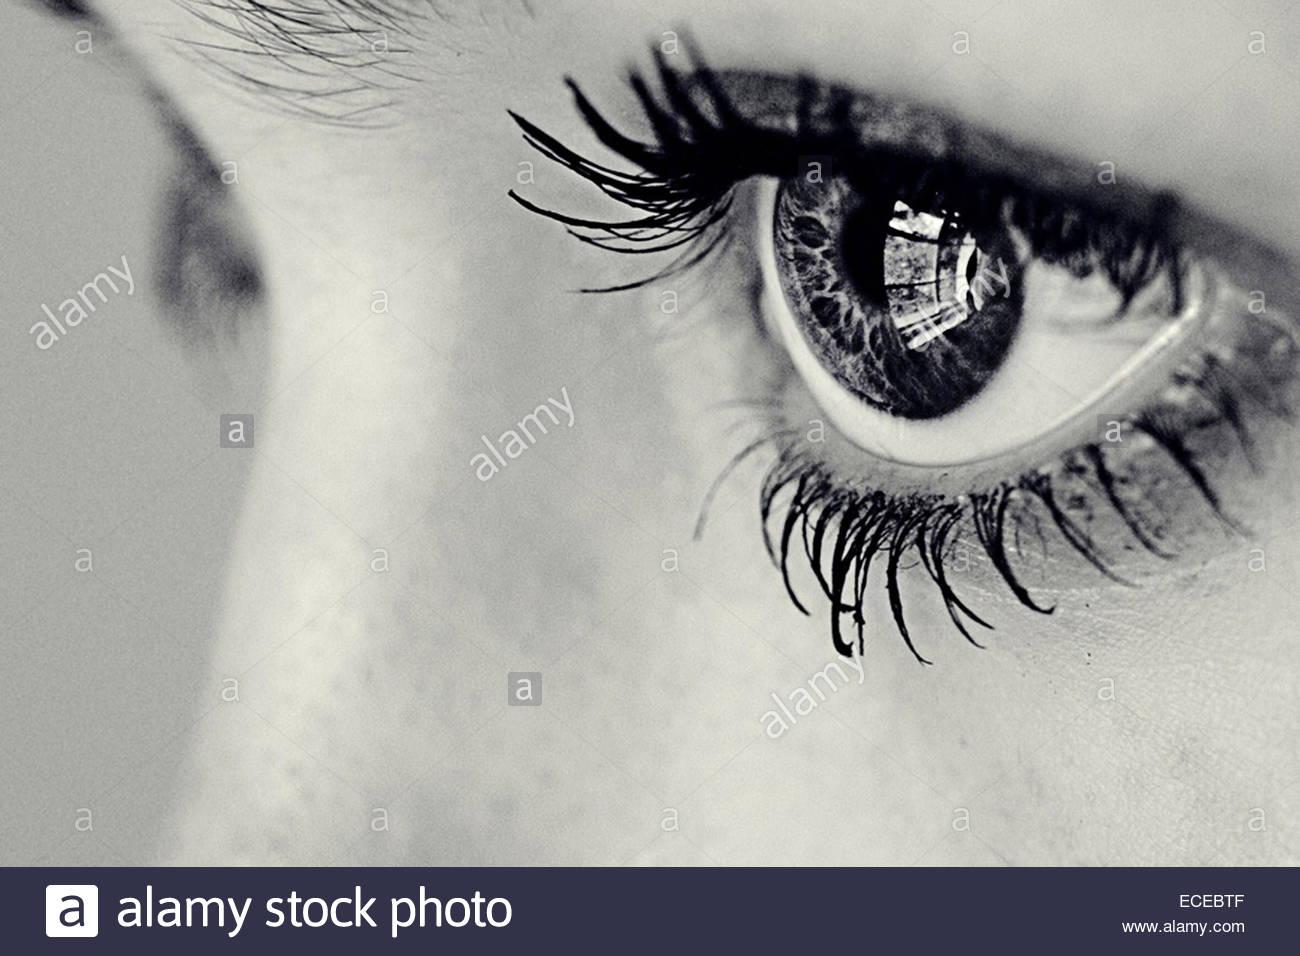 Nahaufnahme des Auges eines Mädchens mit einem Fenster spiegeln sich darin Stockbild